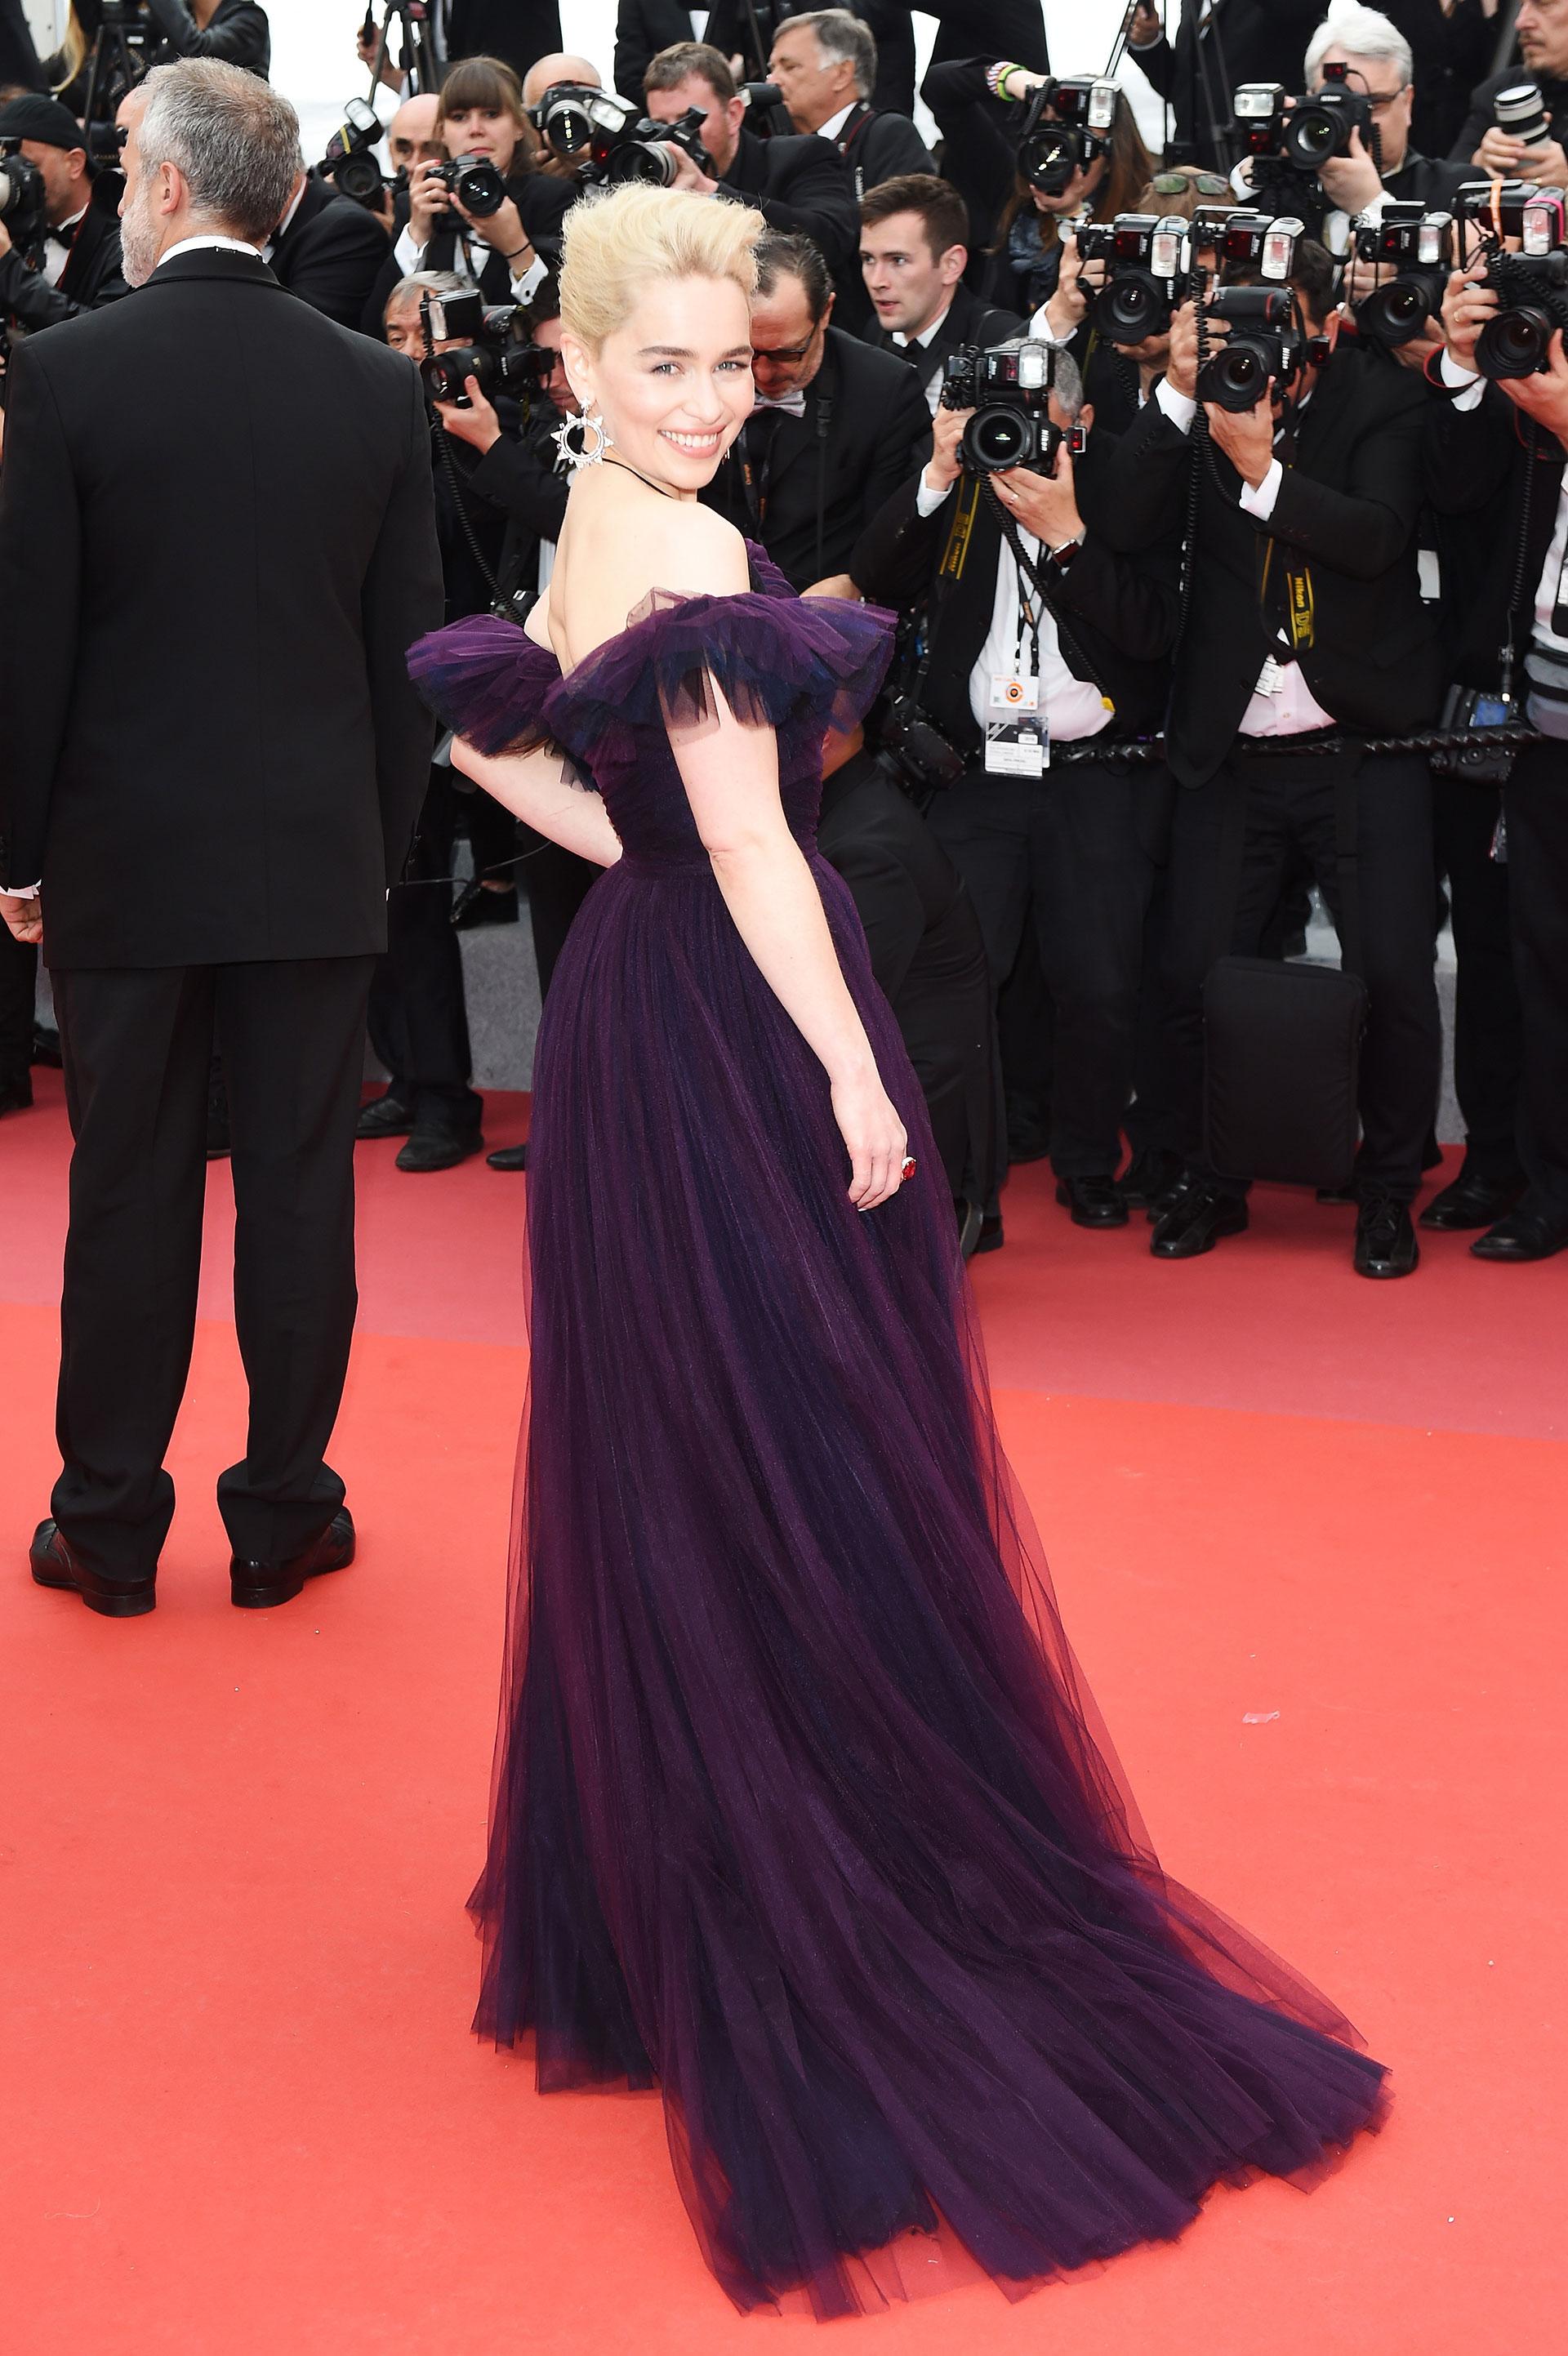 Emilia Clarke sobre la red carpet de Cannes (Foto by Antony Jones/Getty Images for Disney)